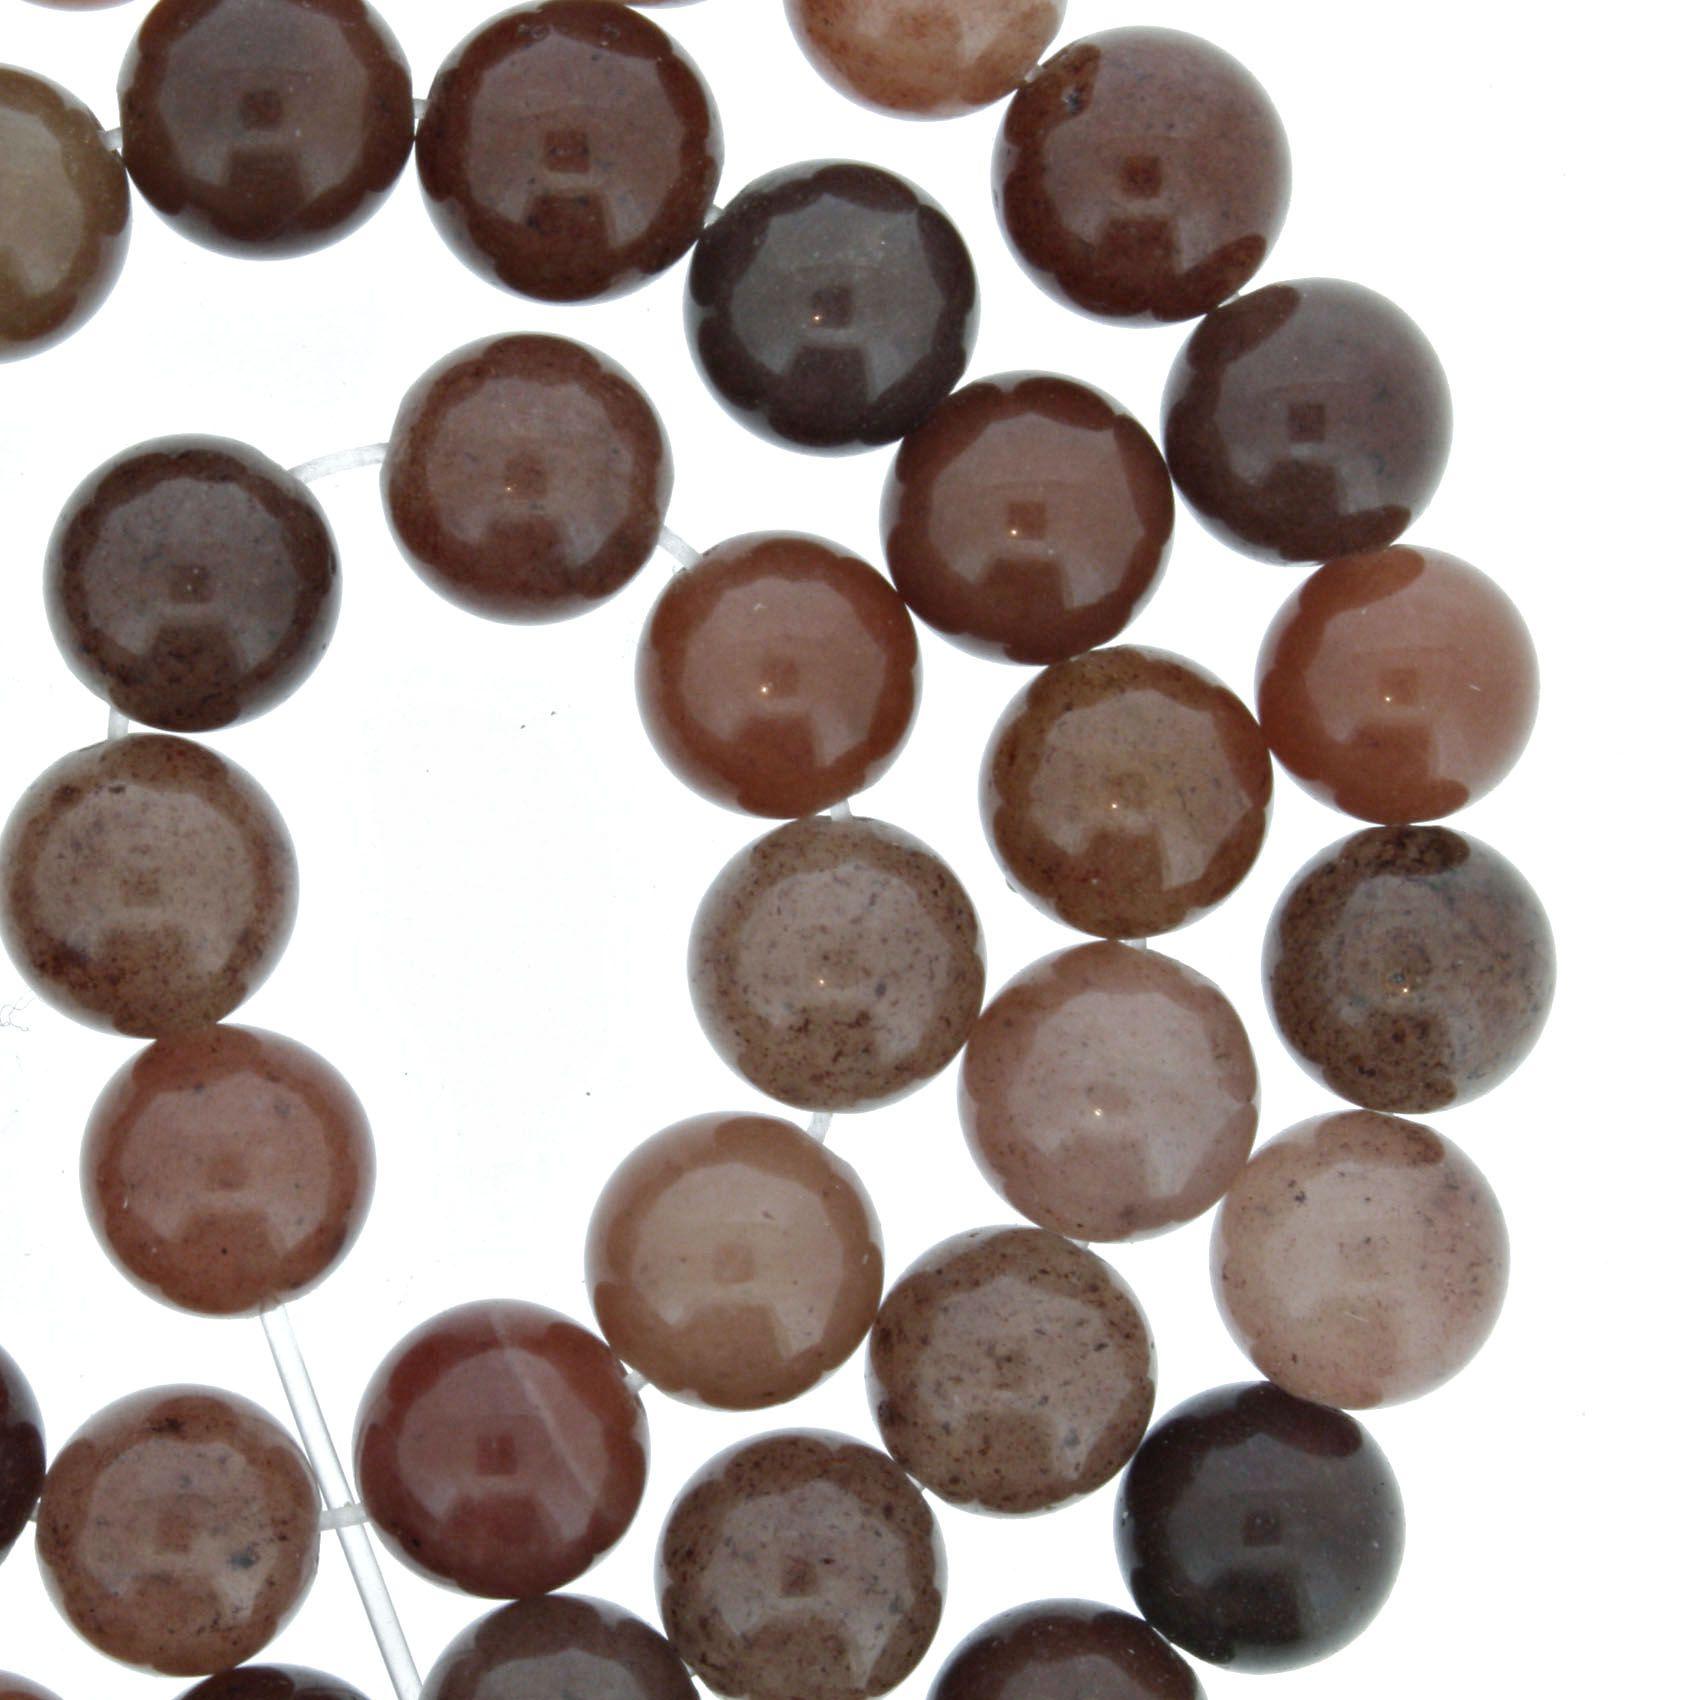 Fio de Pedra - Pietra® - Ágata Rosé - 8mm  - Universo Religioso® - Artigos de Umbanda e Candomblé